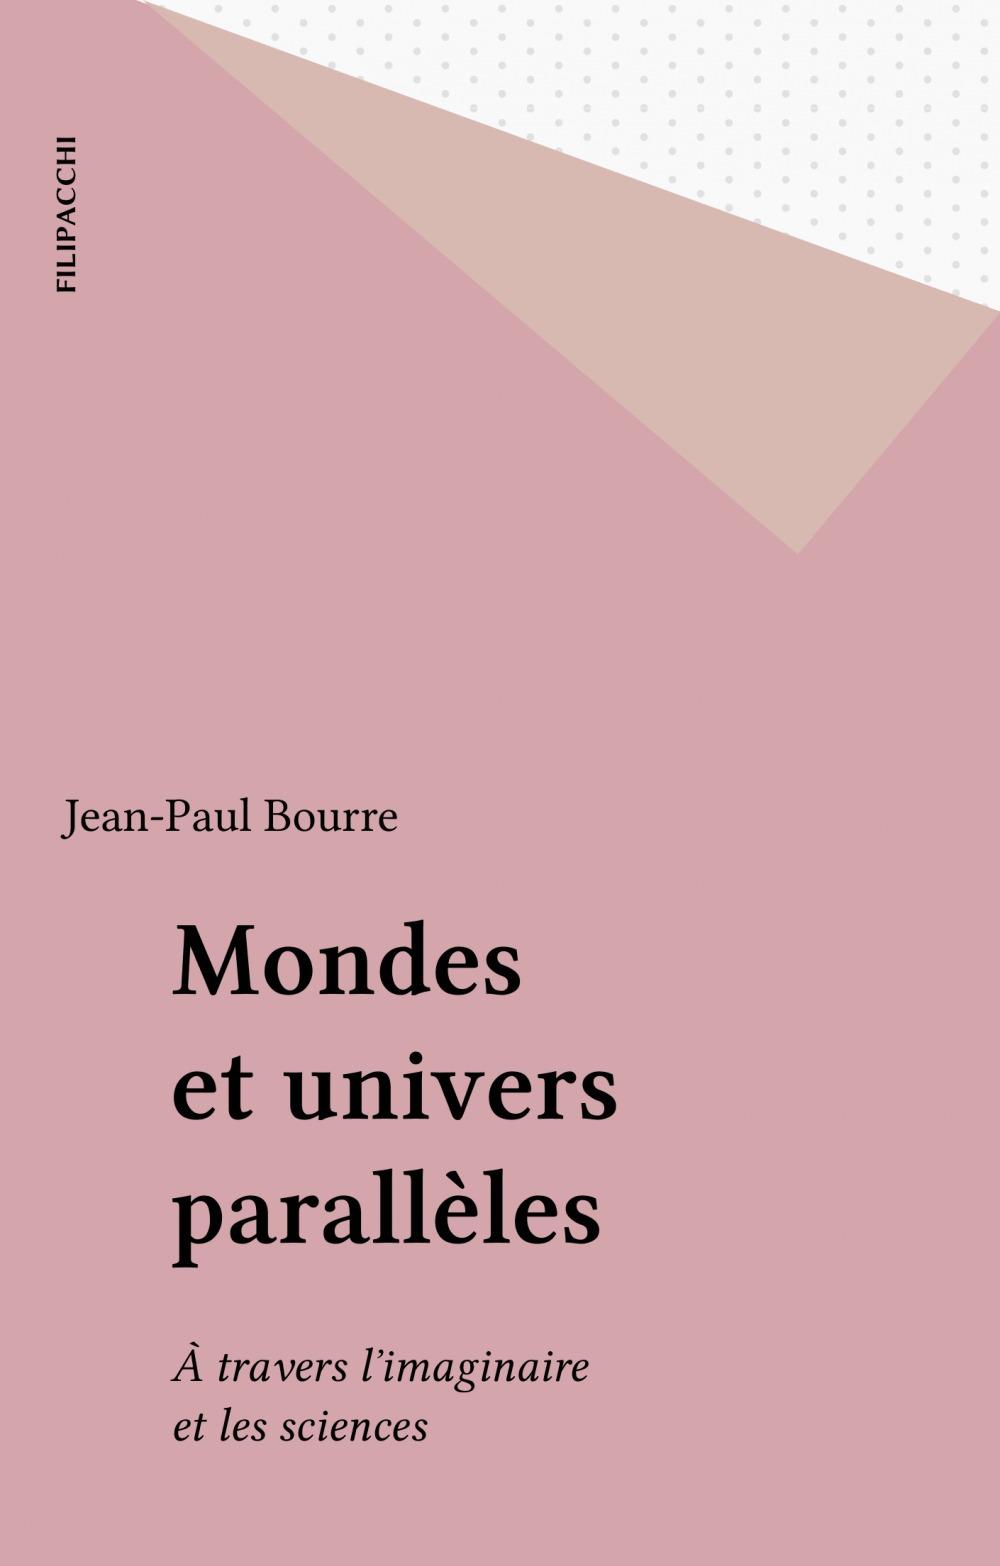 Mondes et univers paralleles